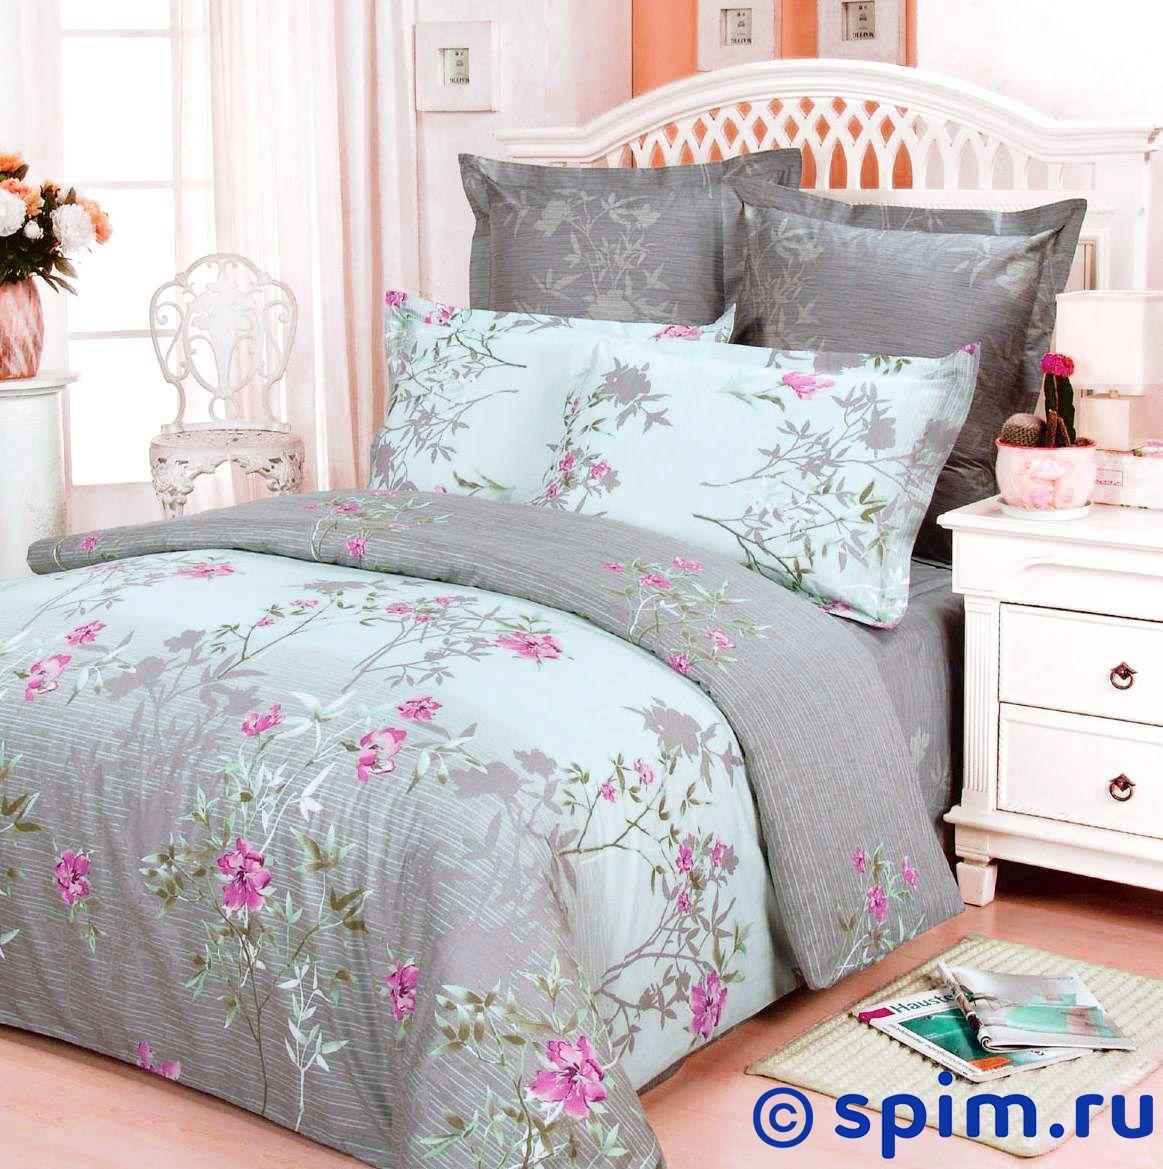 Комплект СайлиД В31 1.5 спальноеСатиновое постельное белье СайлиД<br>Материал: 100% хлопок (печатный сатин). Плотность, г/м2: 130. Размер Sailid Б: 1.5 спальное<br><br>Размер: 1.5 спальное